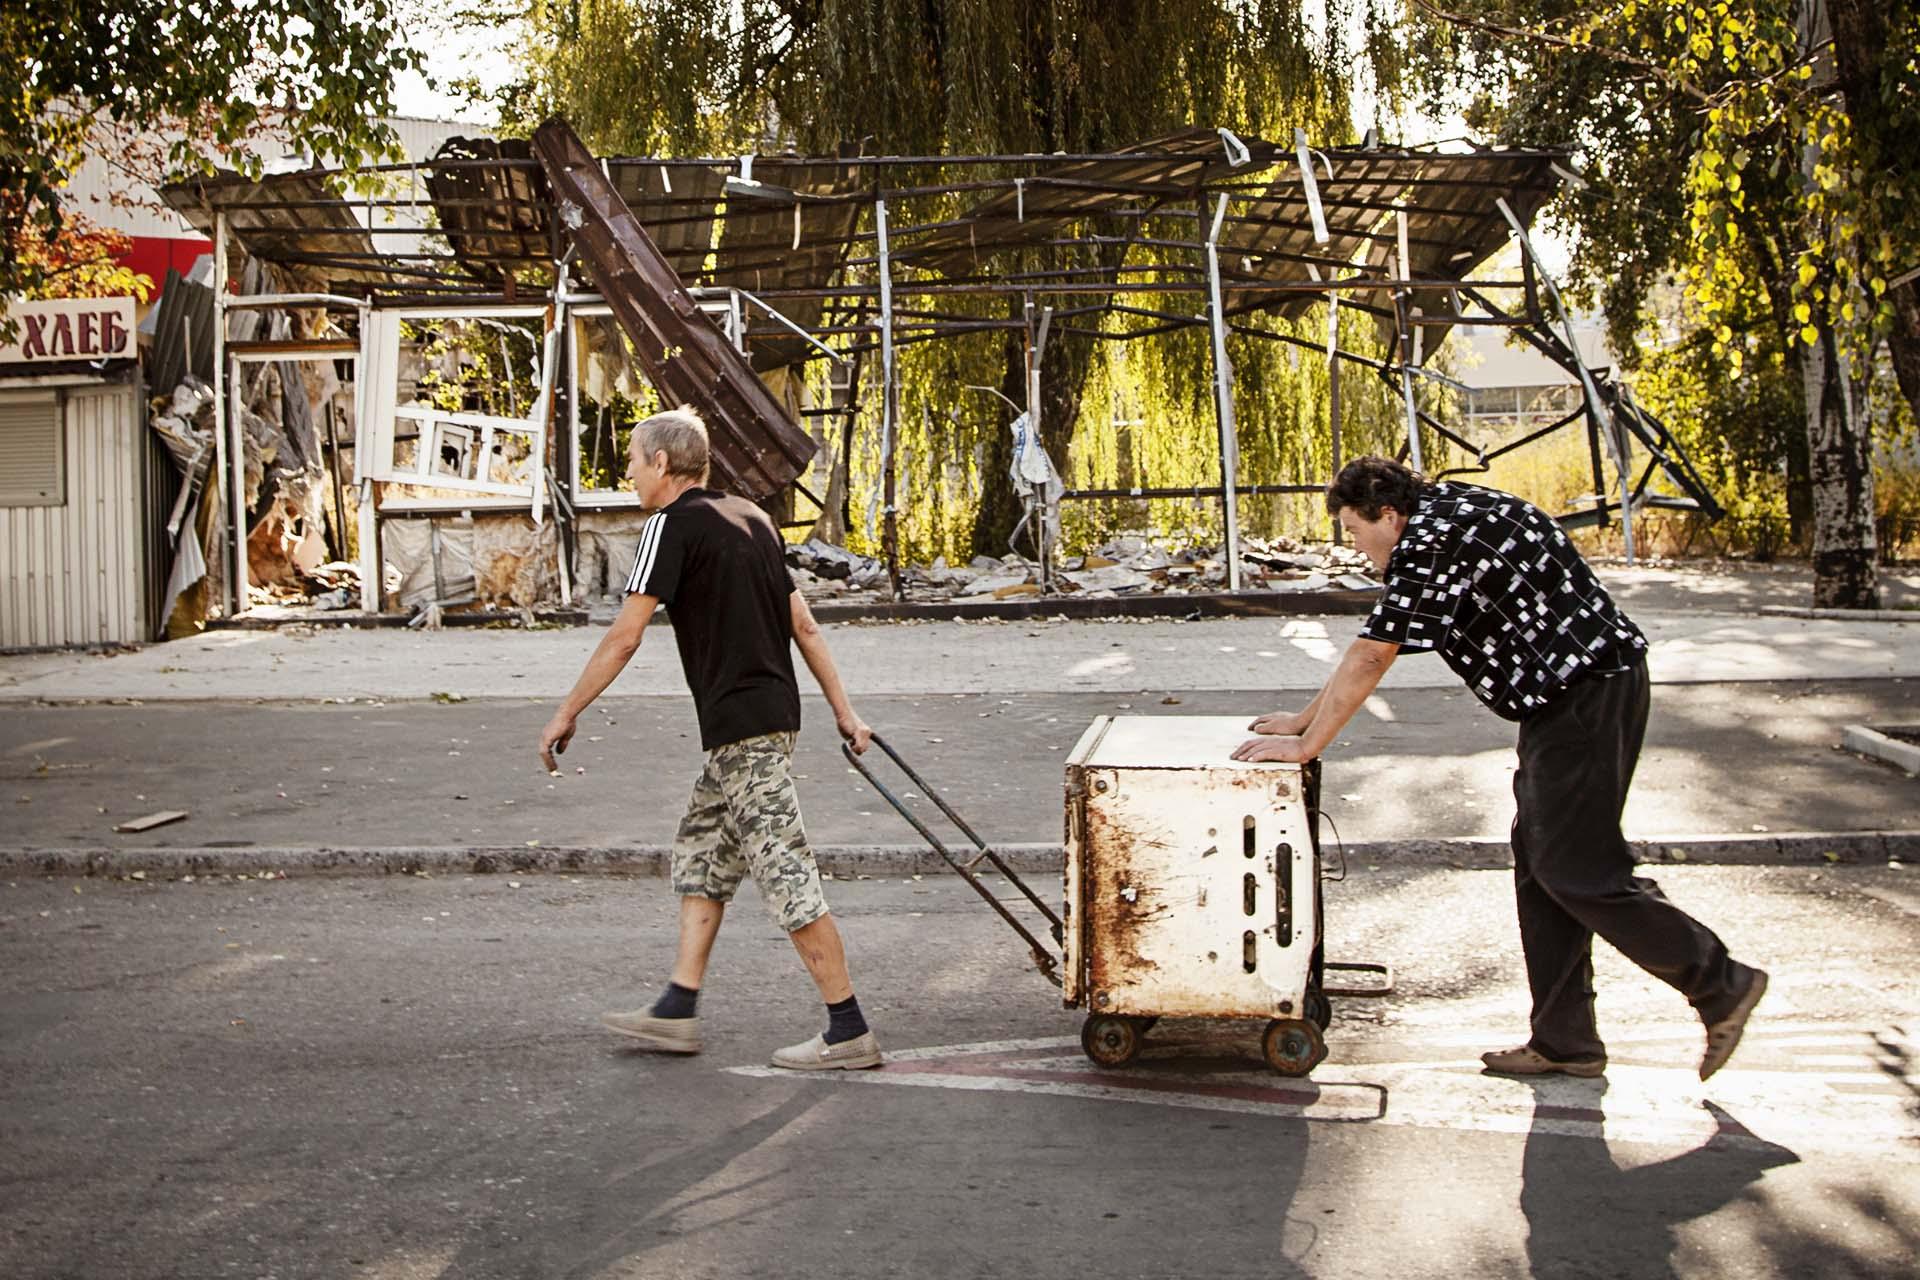 Las labores de reconstrucción de barrios destrozados por los conflictos, como el de Oktobersky, son lentos y sin practicamente ayudas / (Donetsk).